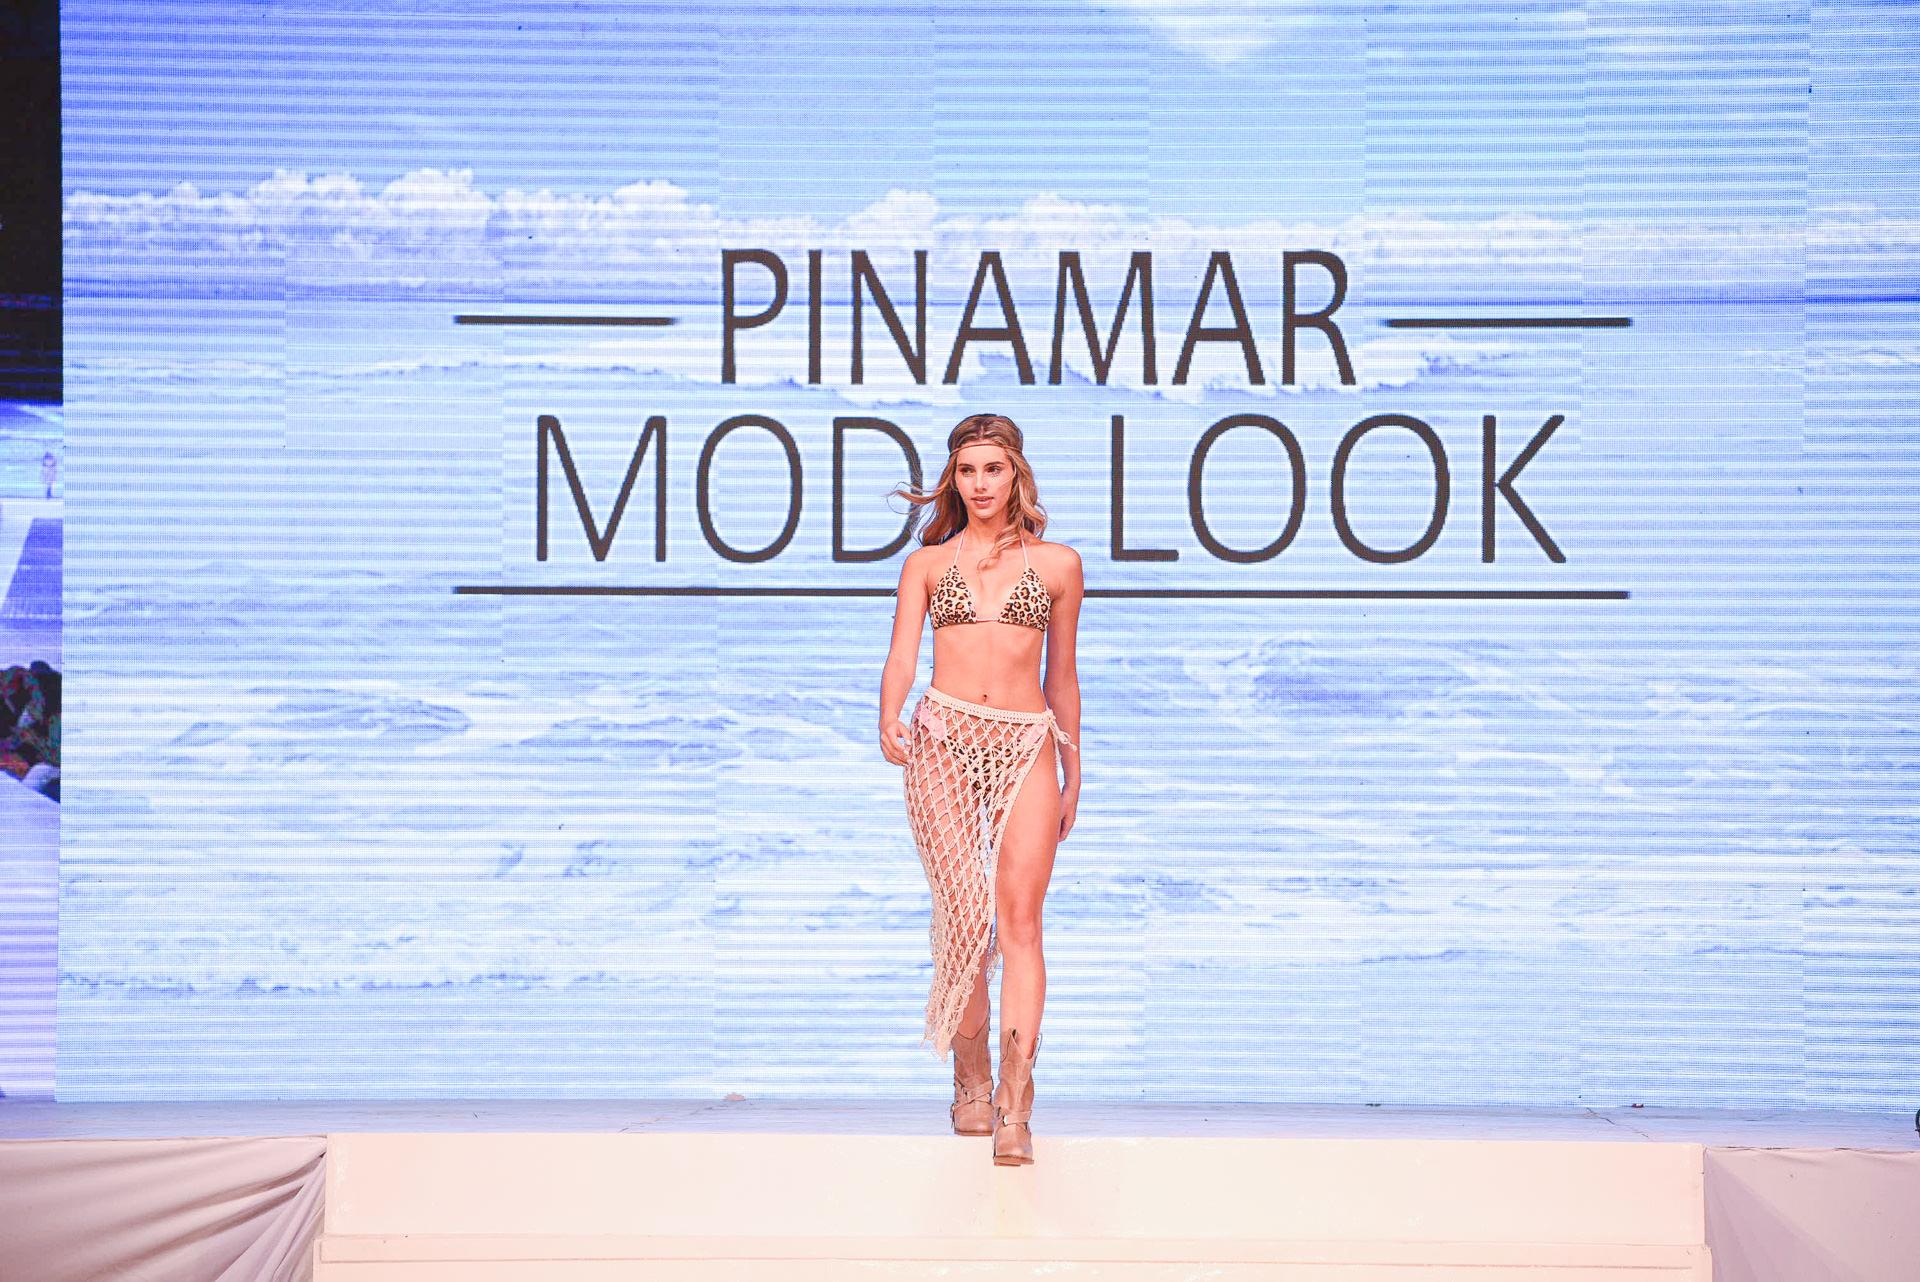 Las bikinis confeccionadas con tejidos brillantes, bordados con lentejuelas engomados y con distinguidos detalles tales como cadenas y tiras transparentes, fueron sin dudas las estrellas de la pasadas